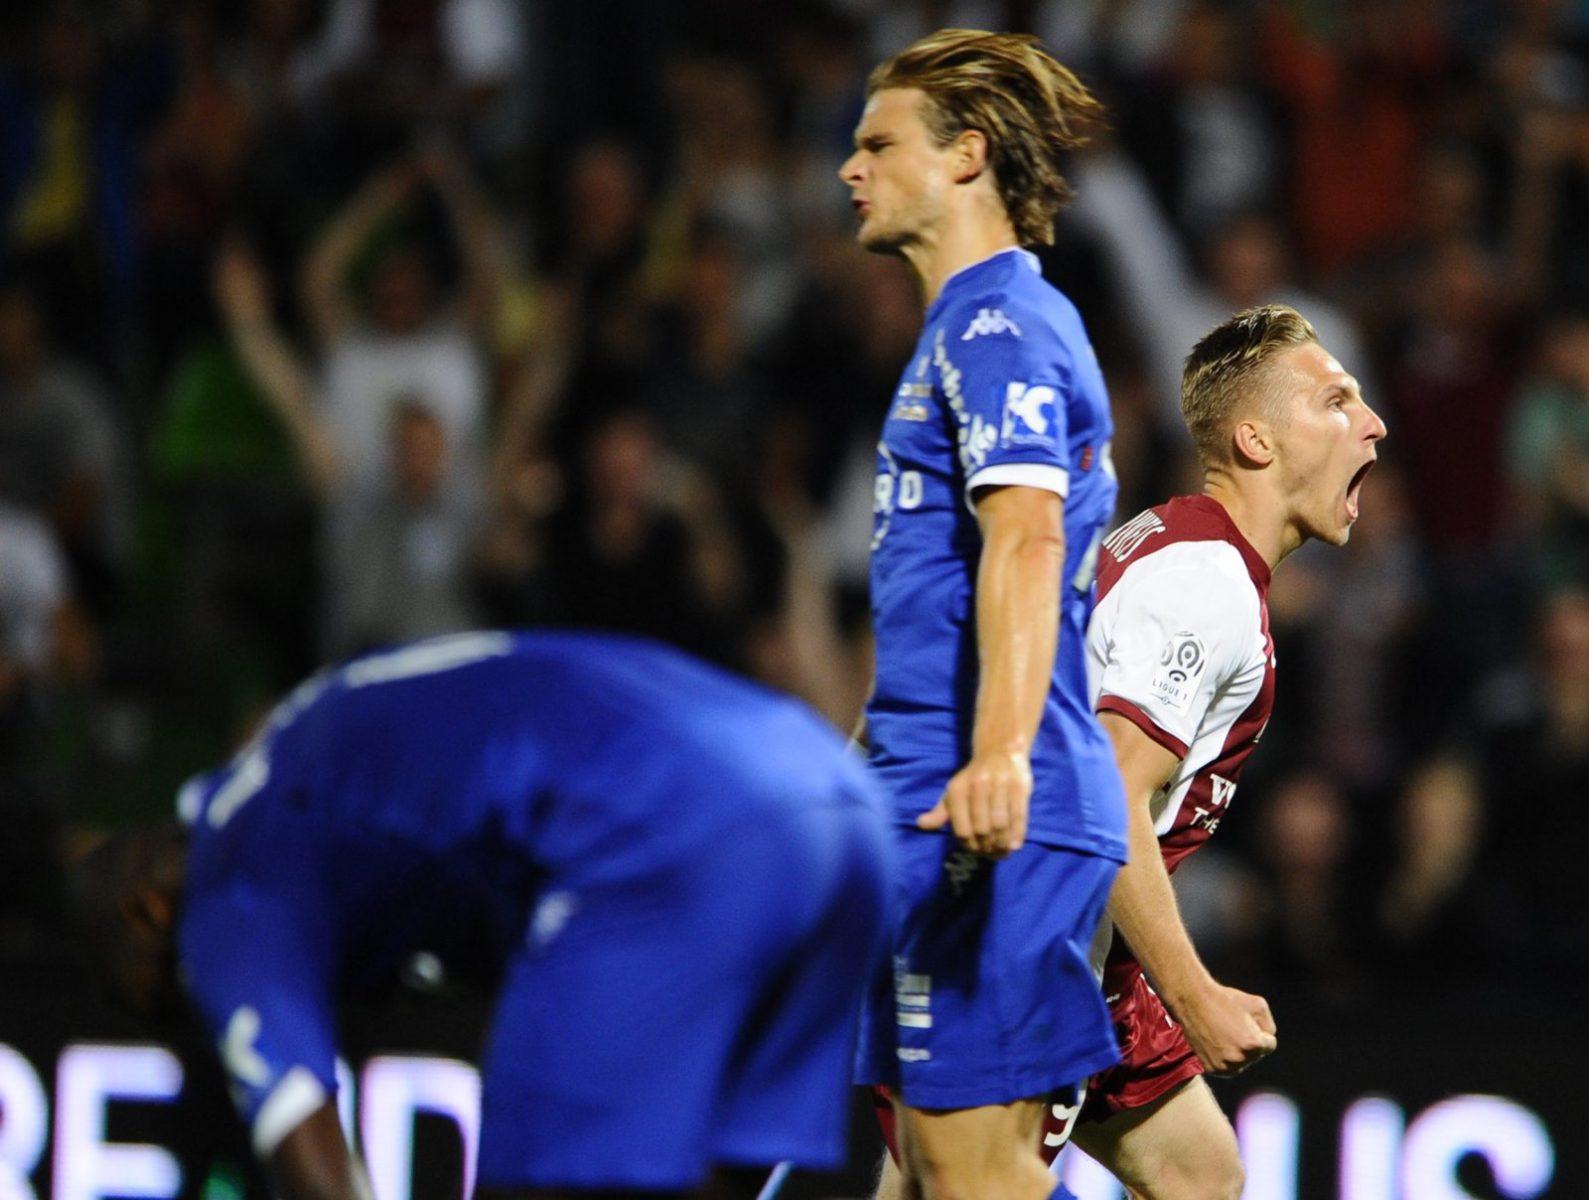 Le FC Metz écrase Bastia à St Symphorien. Résumé du match et notes des joueurs.